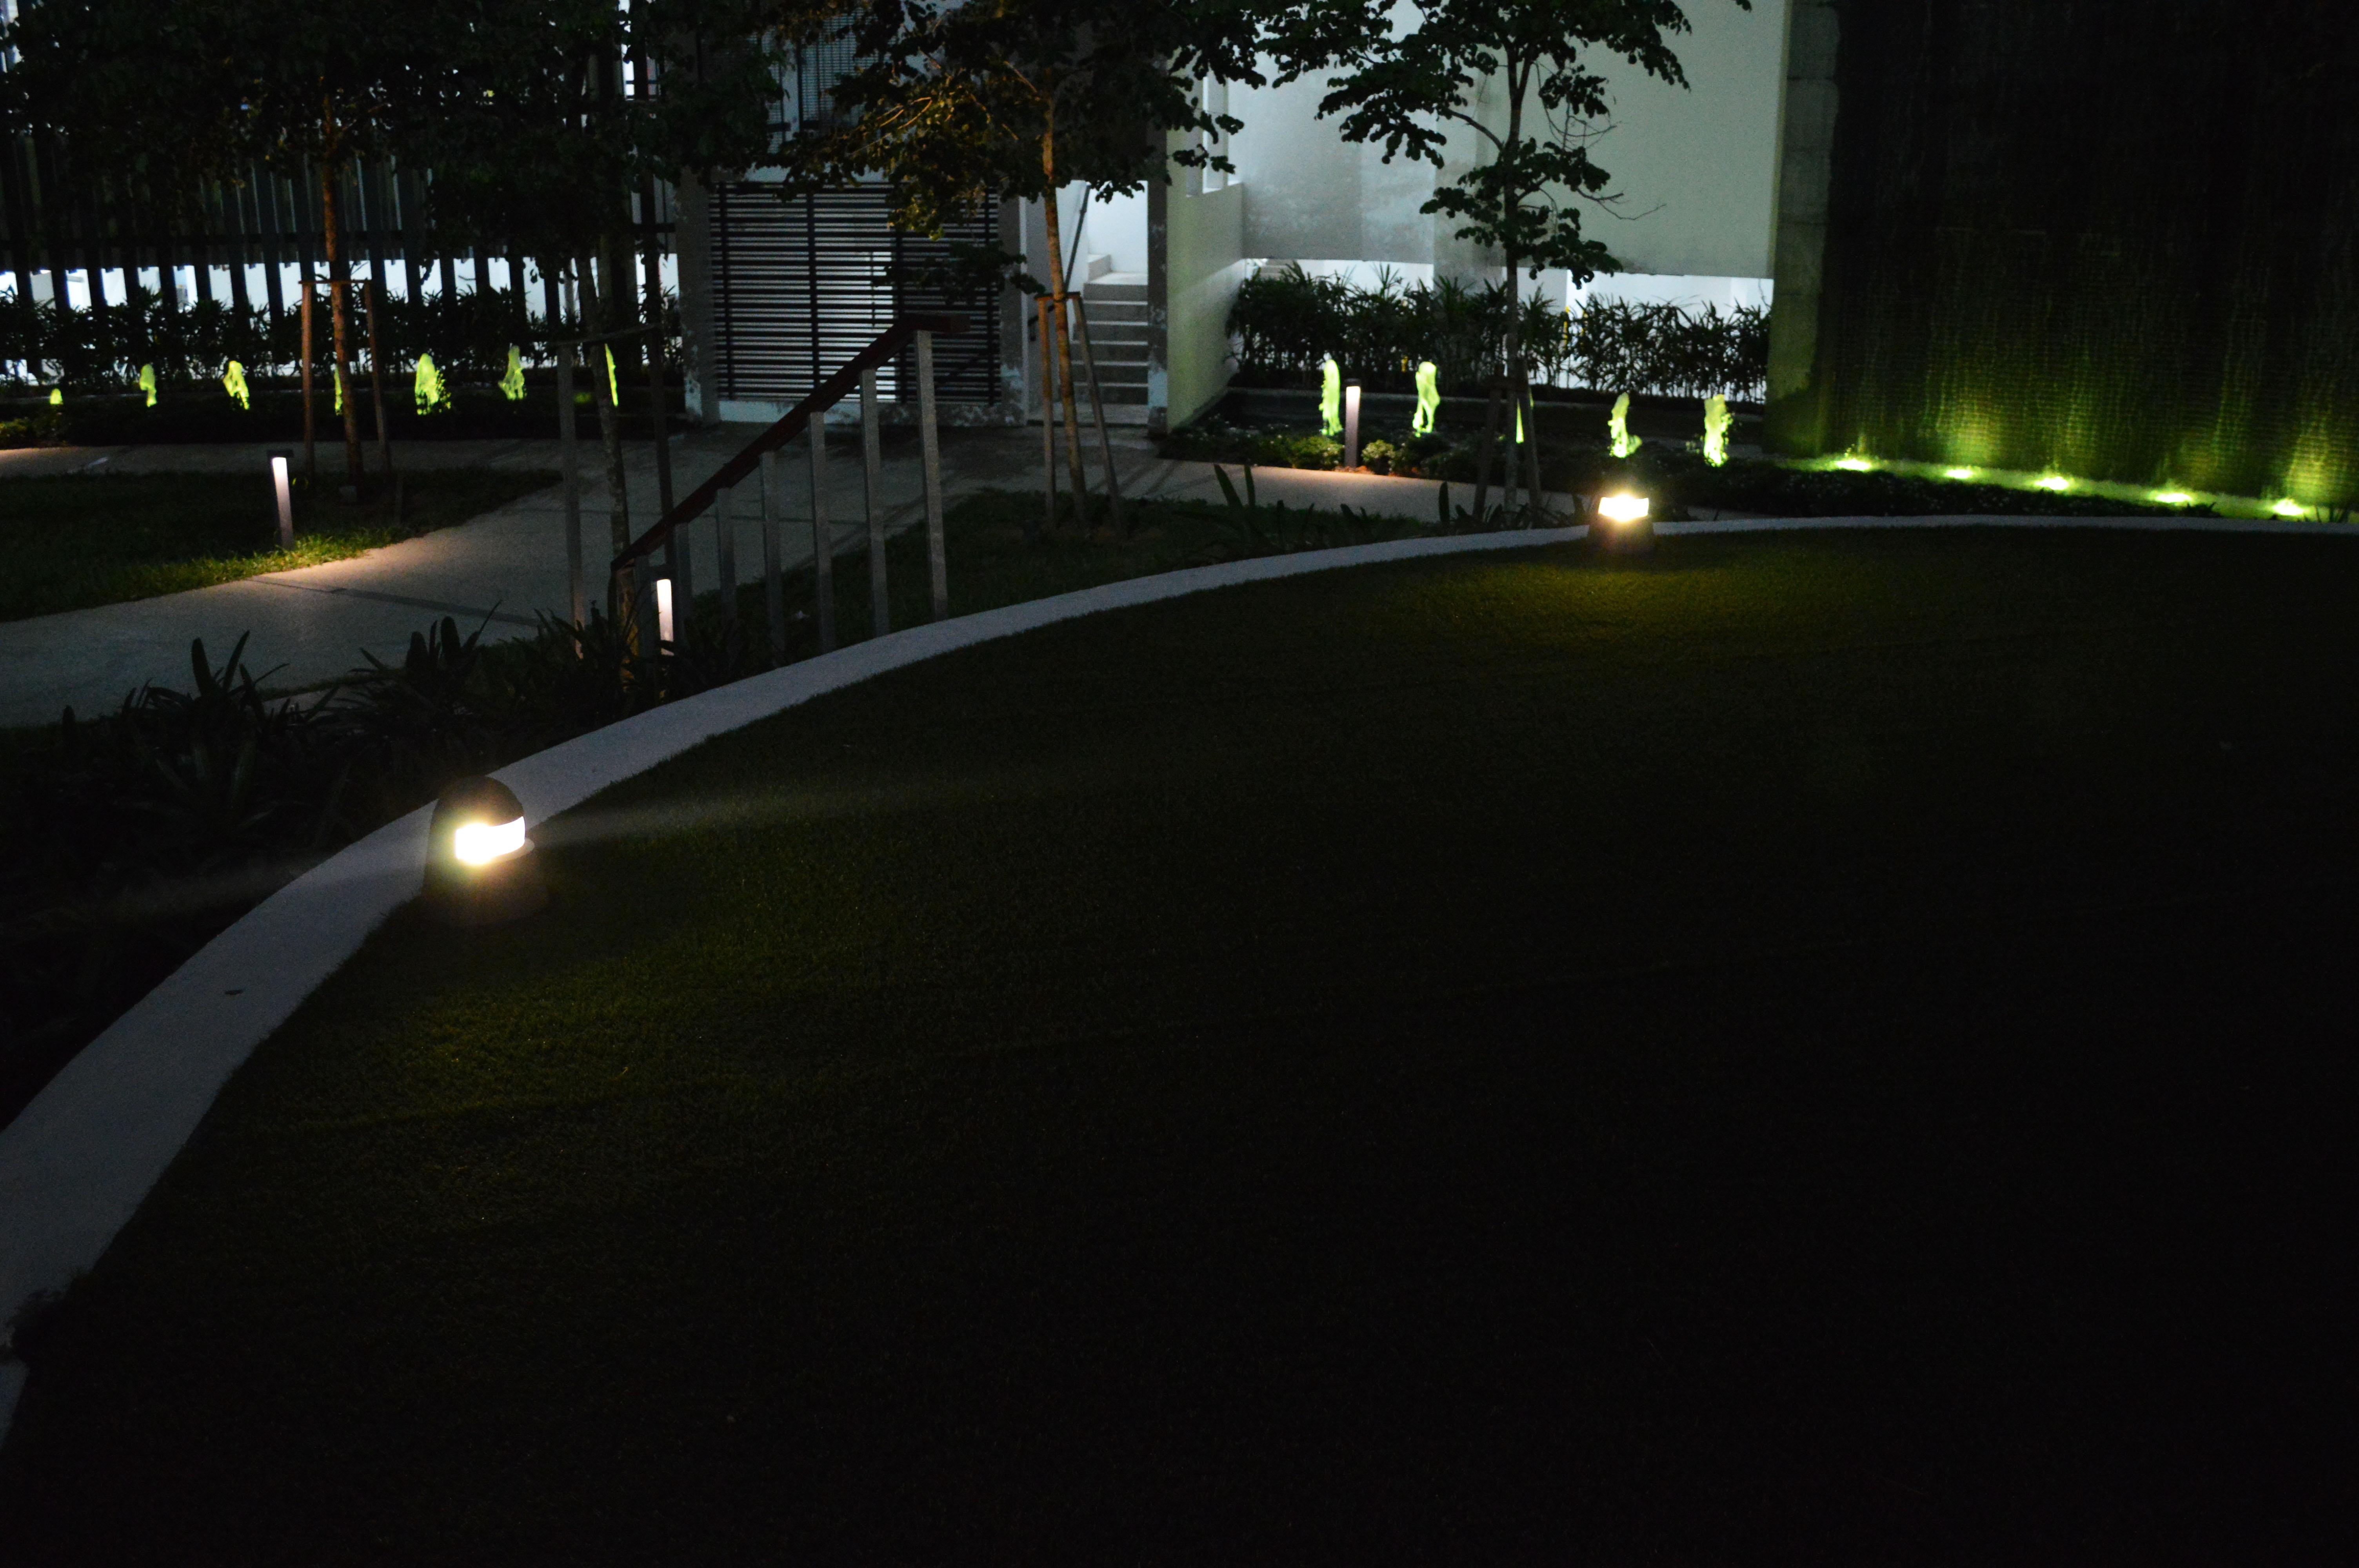 Vlt Bollard Bullet Vlt Lighting